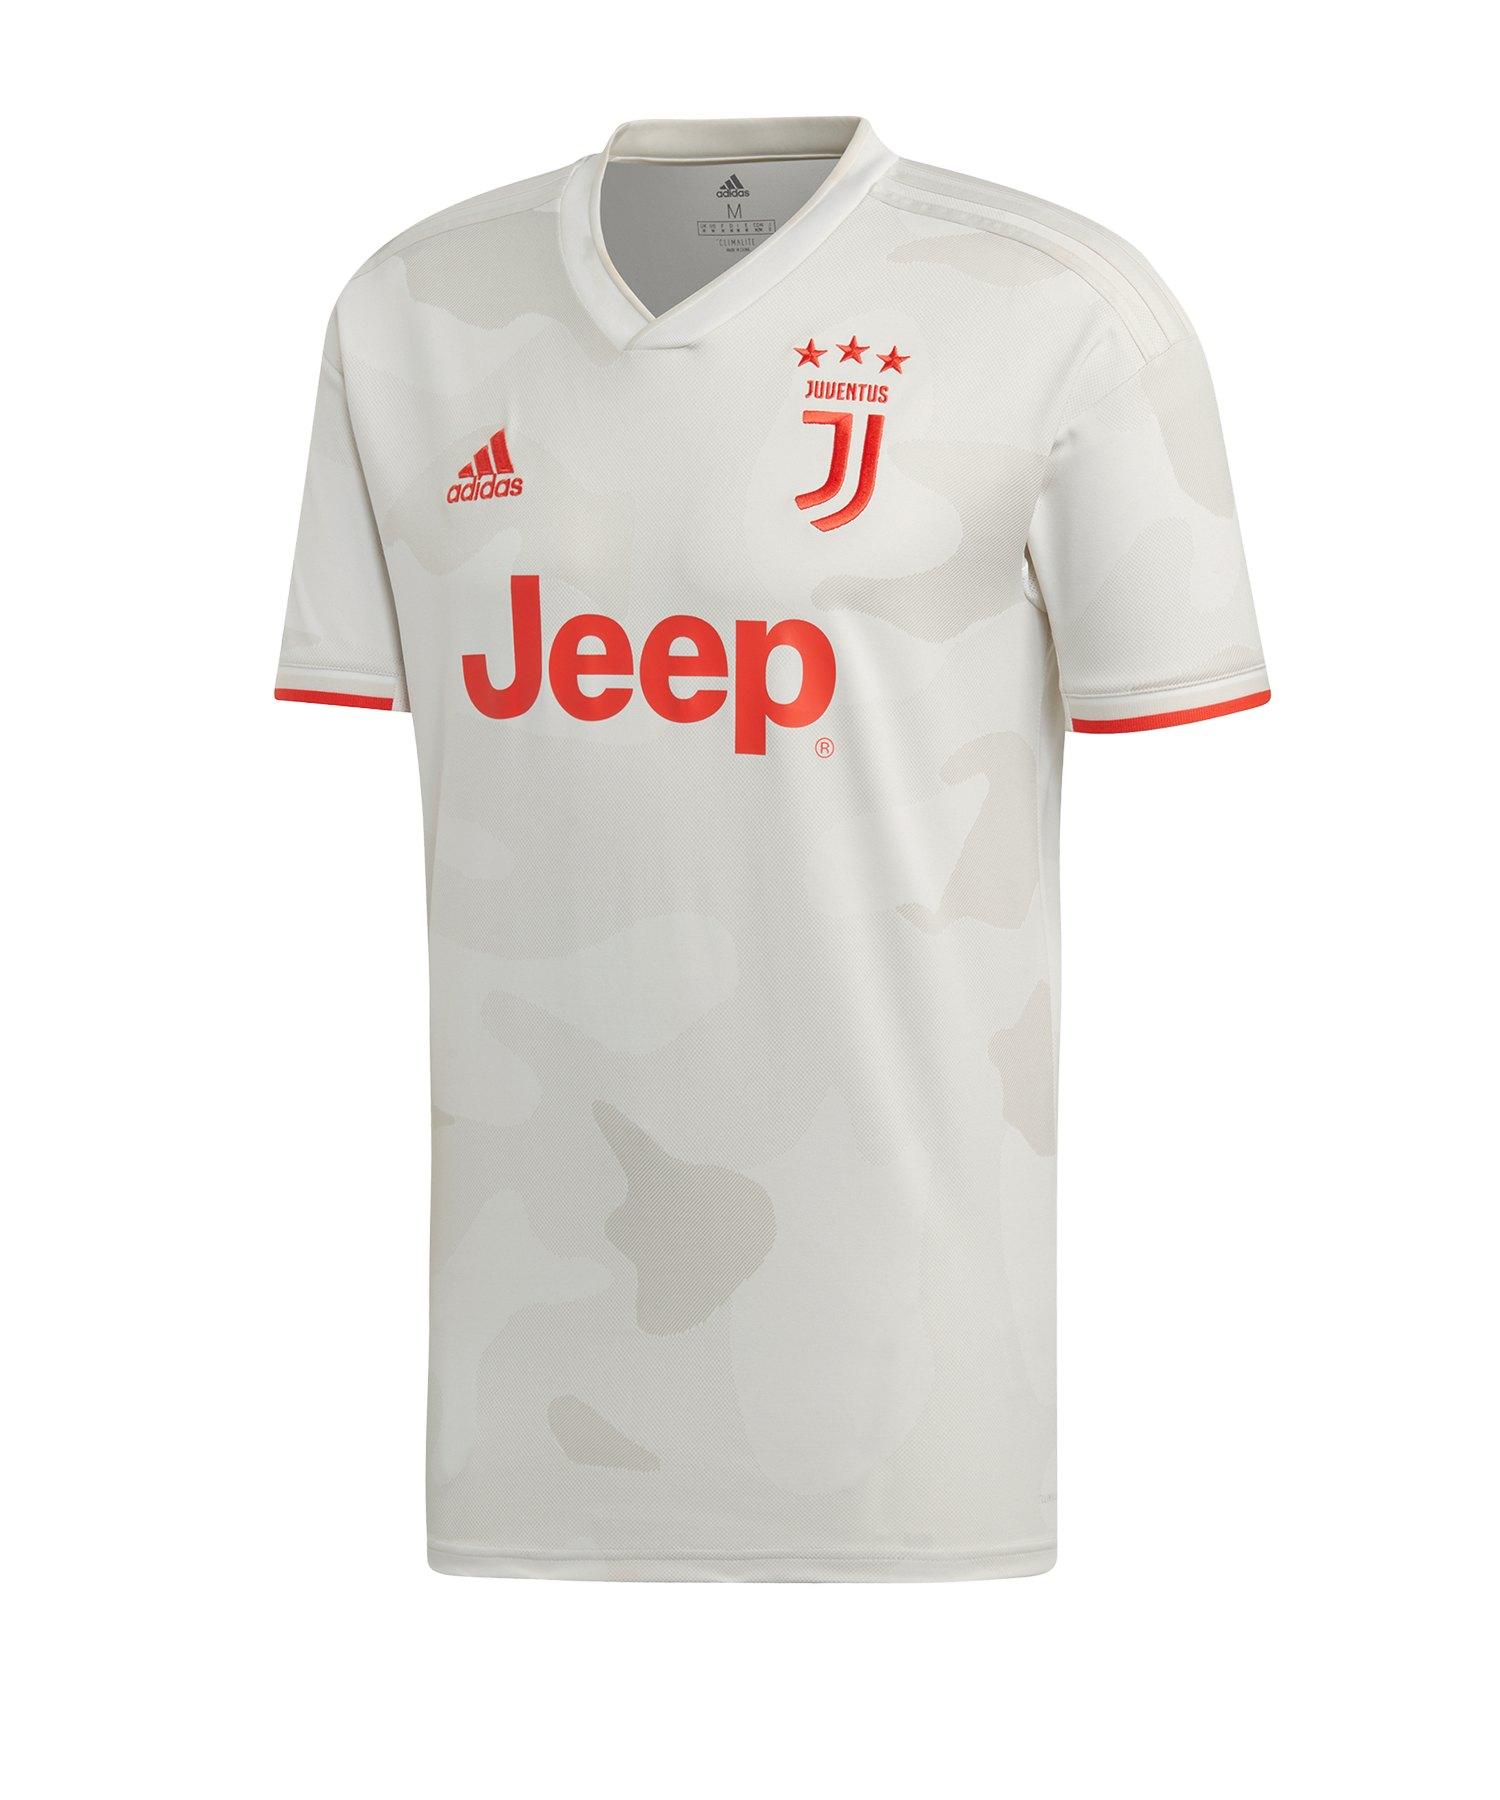 adidas Juventus Turin Trikot Away 2019/2020 Weiss - weiss